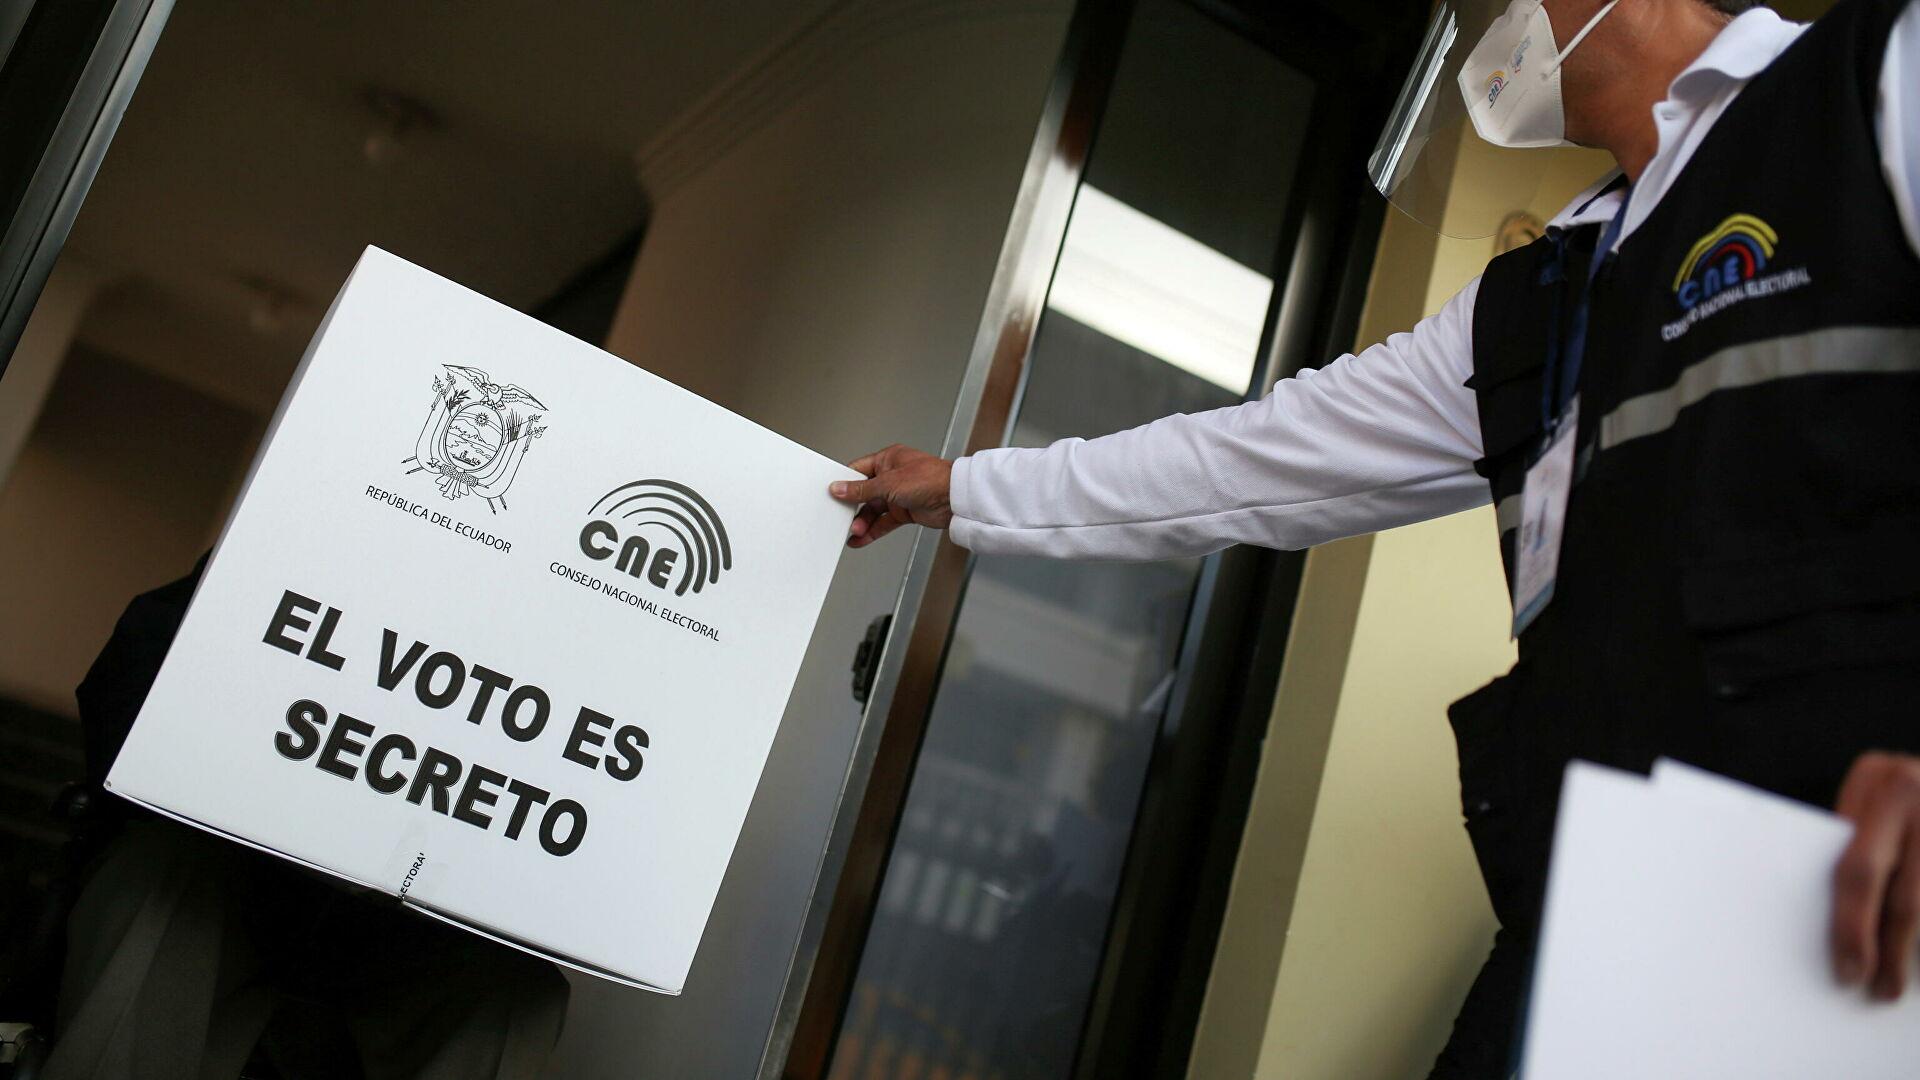 Vive Ecuador segunda vuelta electoral; eligen presidente y vicepresidente